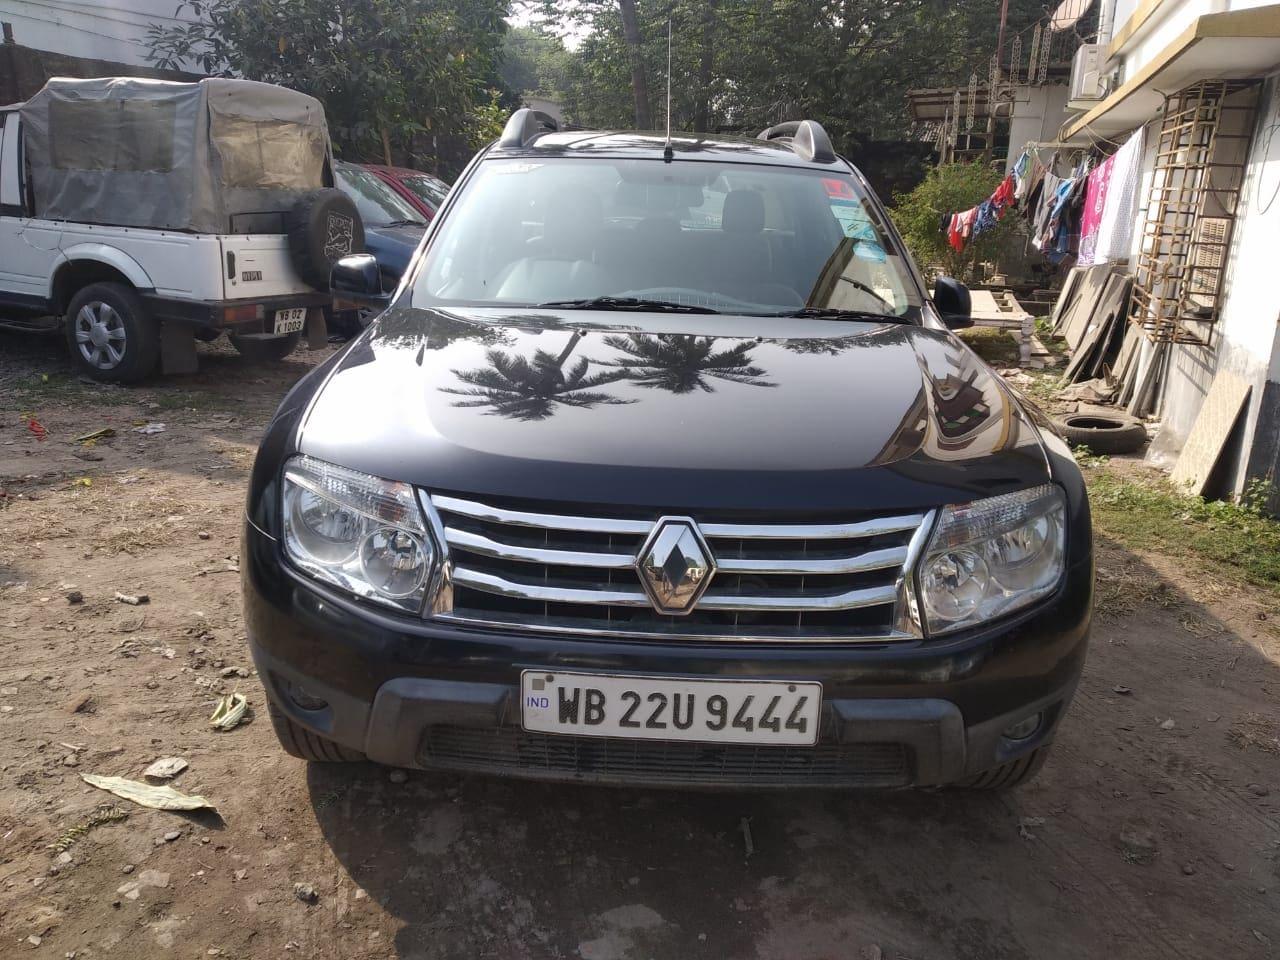 Renault Duster 2012-2015 110PS Diesel RxZ